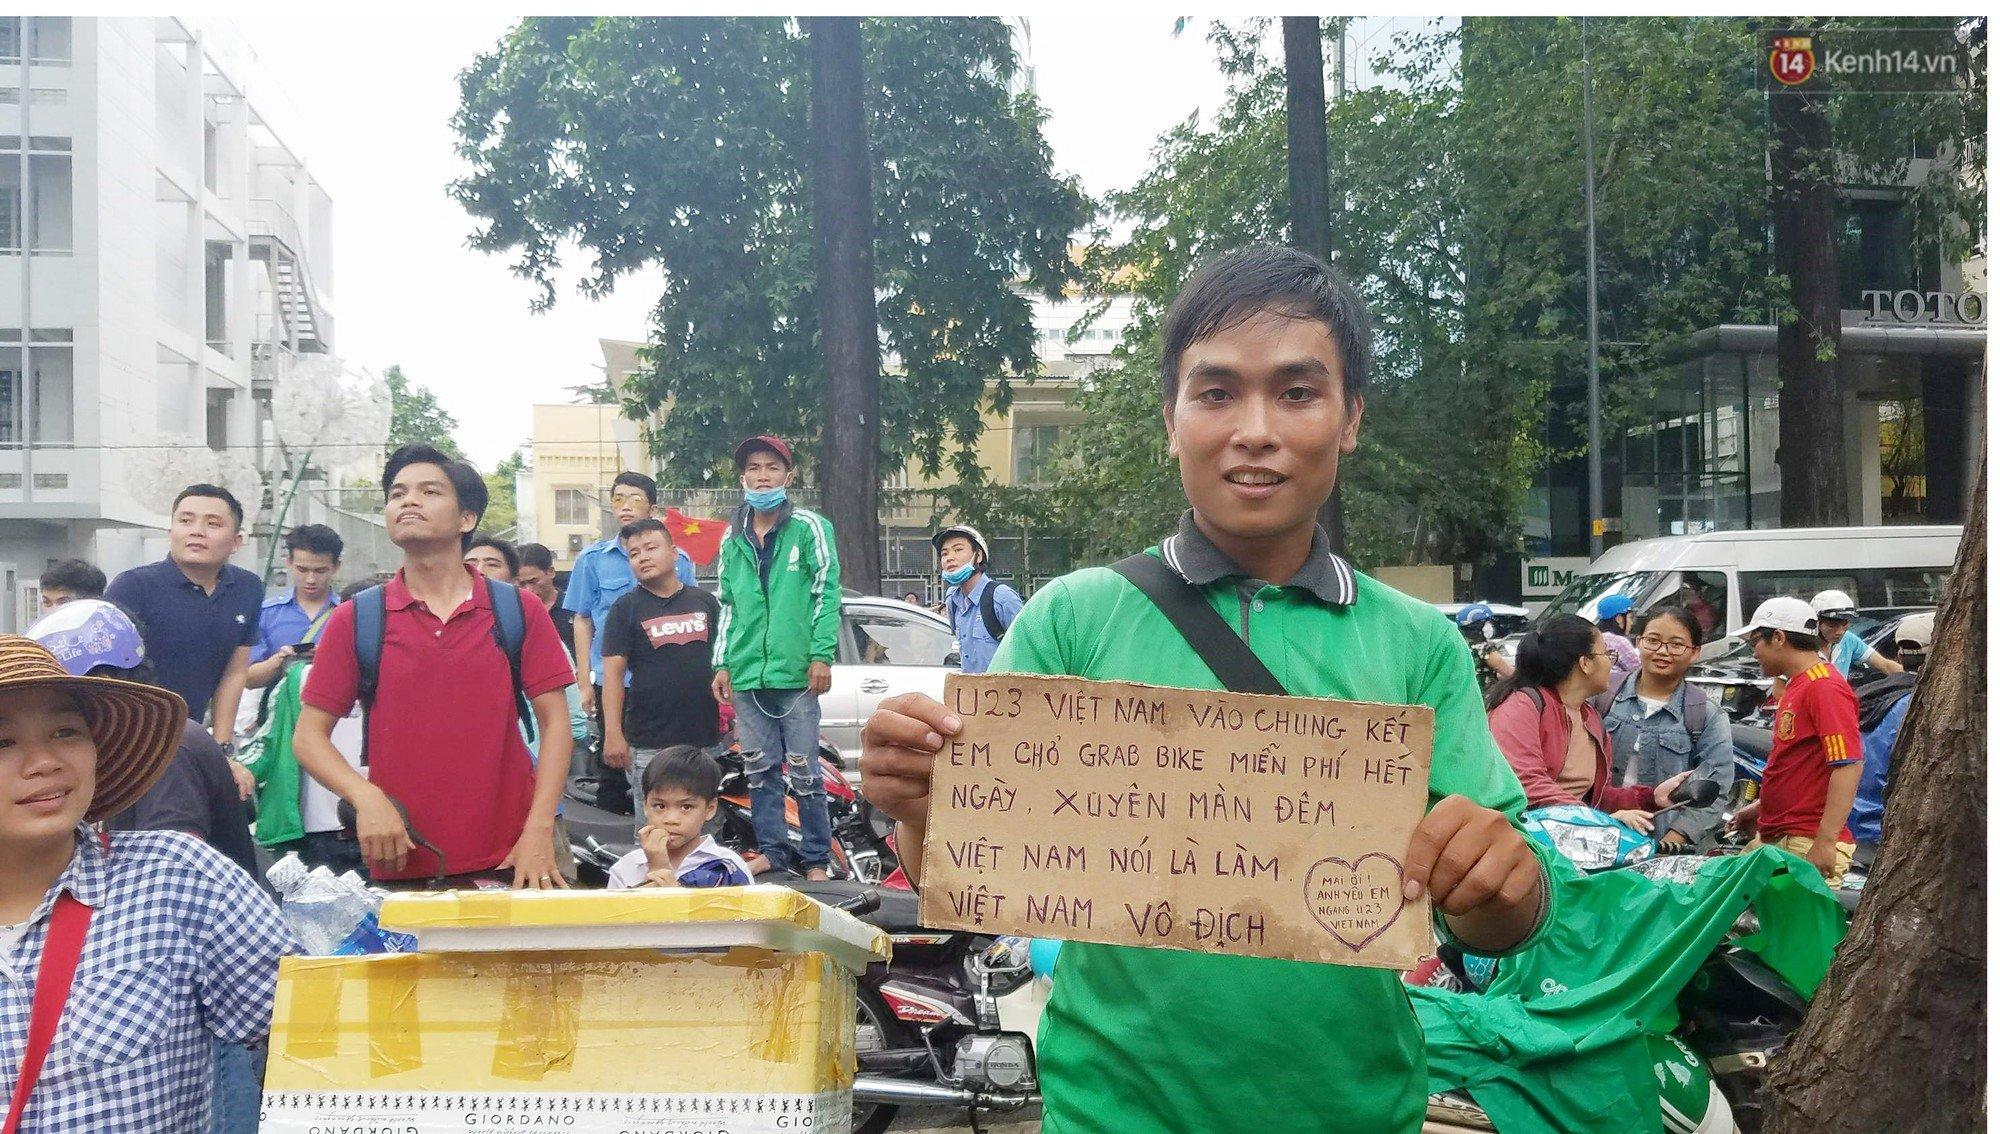 Tài xế Grab cầm biển thông báo sẽ chở khách miễn phí xuyên đêm nếu U23 Việt Nam vào chung kết 2